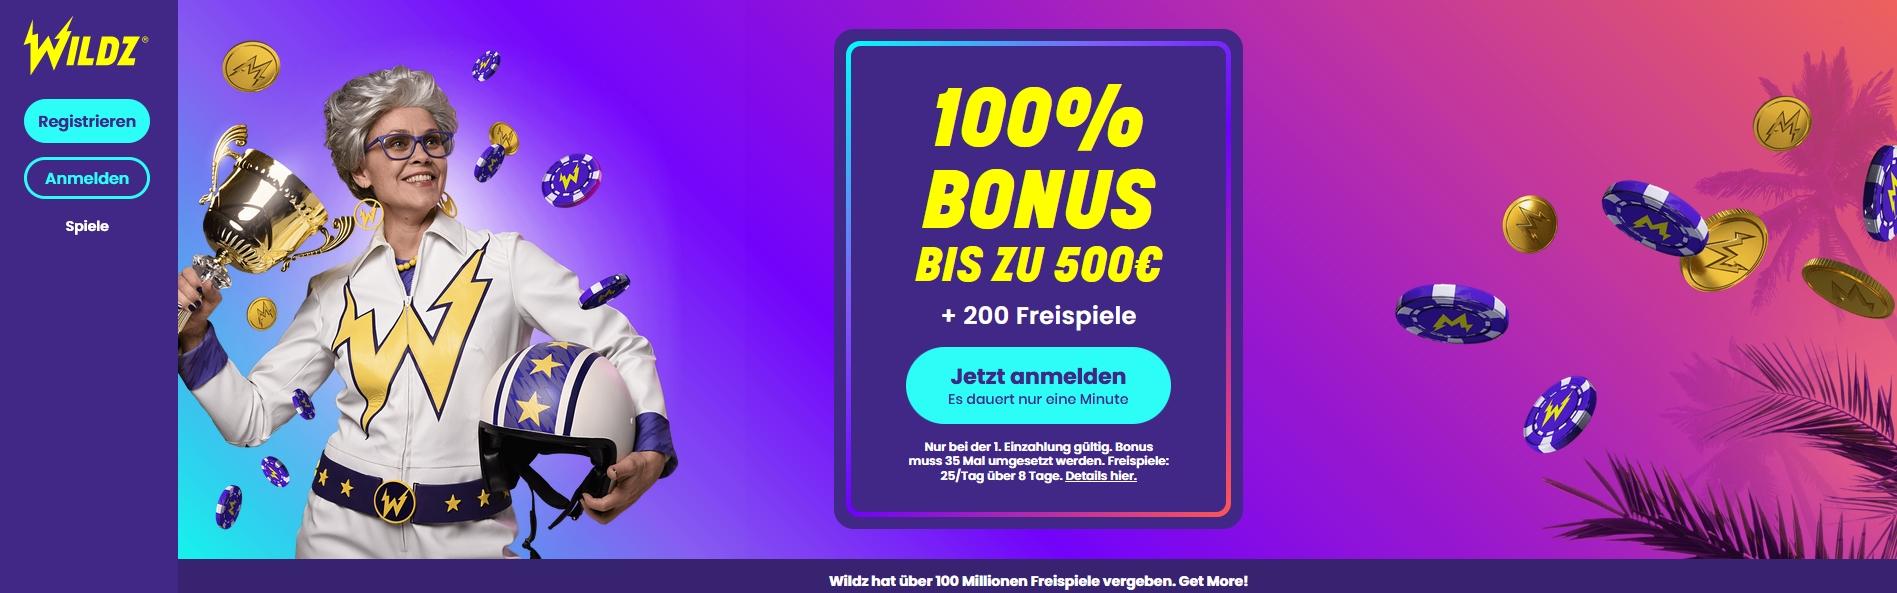 200 Online Casino Bonus